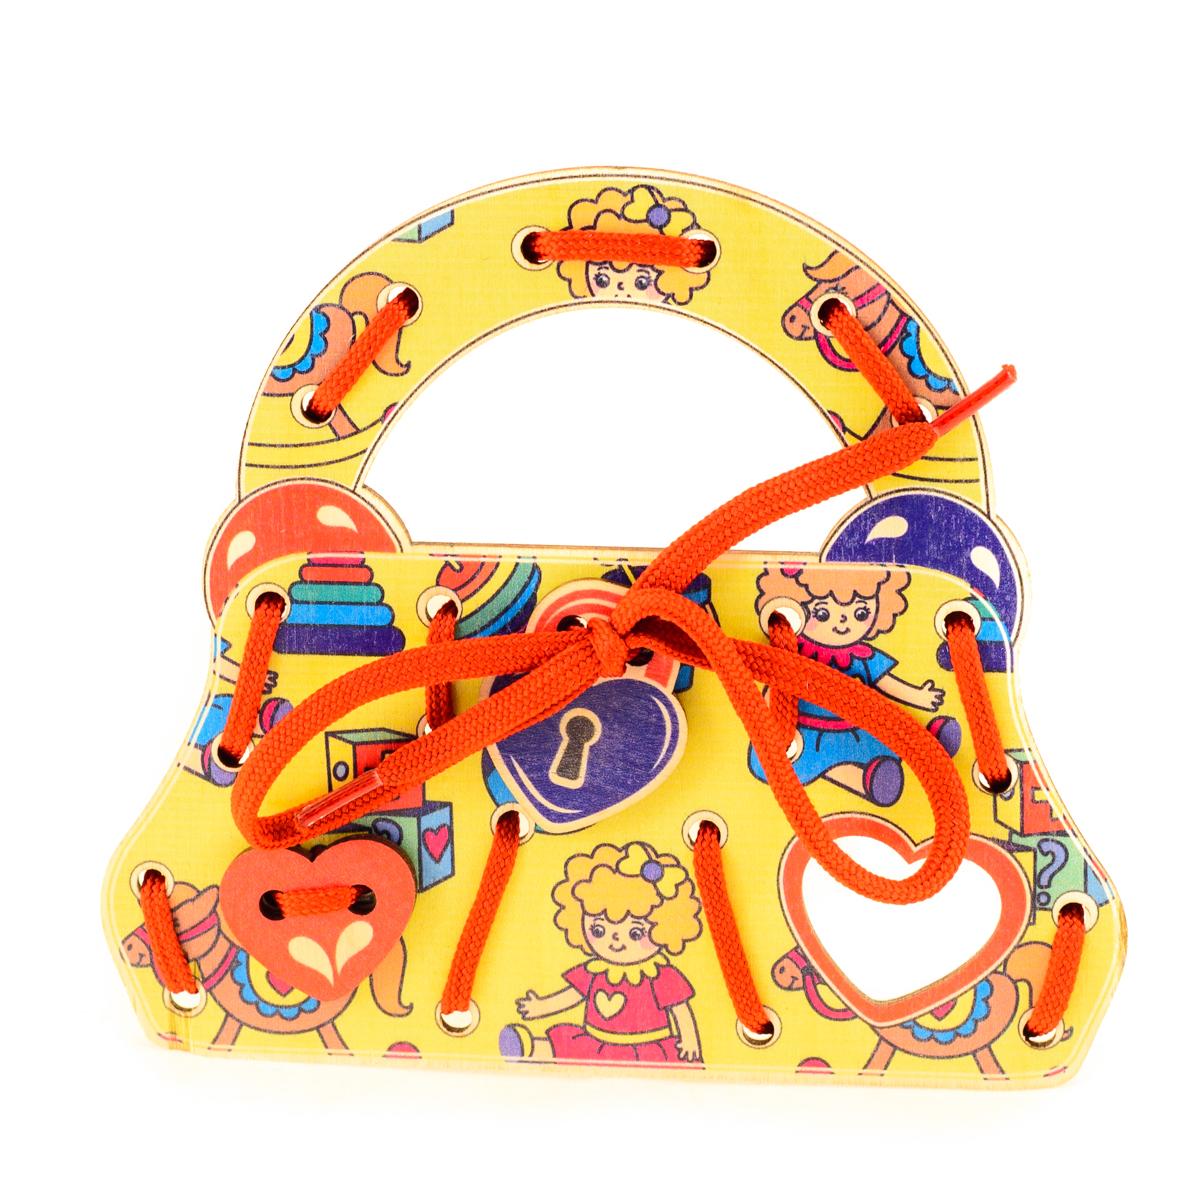 Развивающие деревянные игрушки Шнуровка Сумочка ИгрушкиД501аШнуровка из качественных деревоматериалов - прекрасная игрушка для развития ребенка. Шнуровка-сумочка из обработатнной фанеры непременно станет любимой игрушкой маленькой красавицы. Шнуровка СУМОЧКА ИГРУШКИ не только послужит незаменимым пособием для развития моторики ребенка, но и поможет ему в развитии ассоциативного мышления. Насыщенные цвета и разнообразные формы будут стимулировать детское воображение и фантазию, развивать внимание, цветовое восприятие, моторику и координацию. ВНИМАНИЕ! Детали игрушки выполнены из натурального дерева (деревоматериала) без покрытия лаками или другими химическими составами. Перед использованием удалите остатки древесины и древесную пыль, тщательно протерев детали игрушки мягкой тканью!